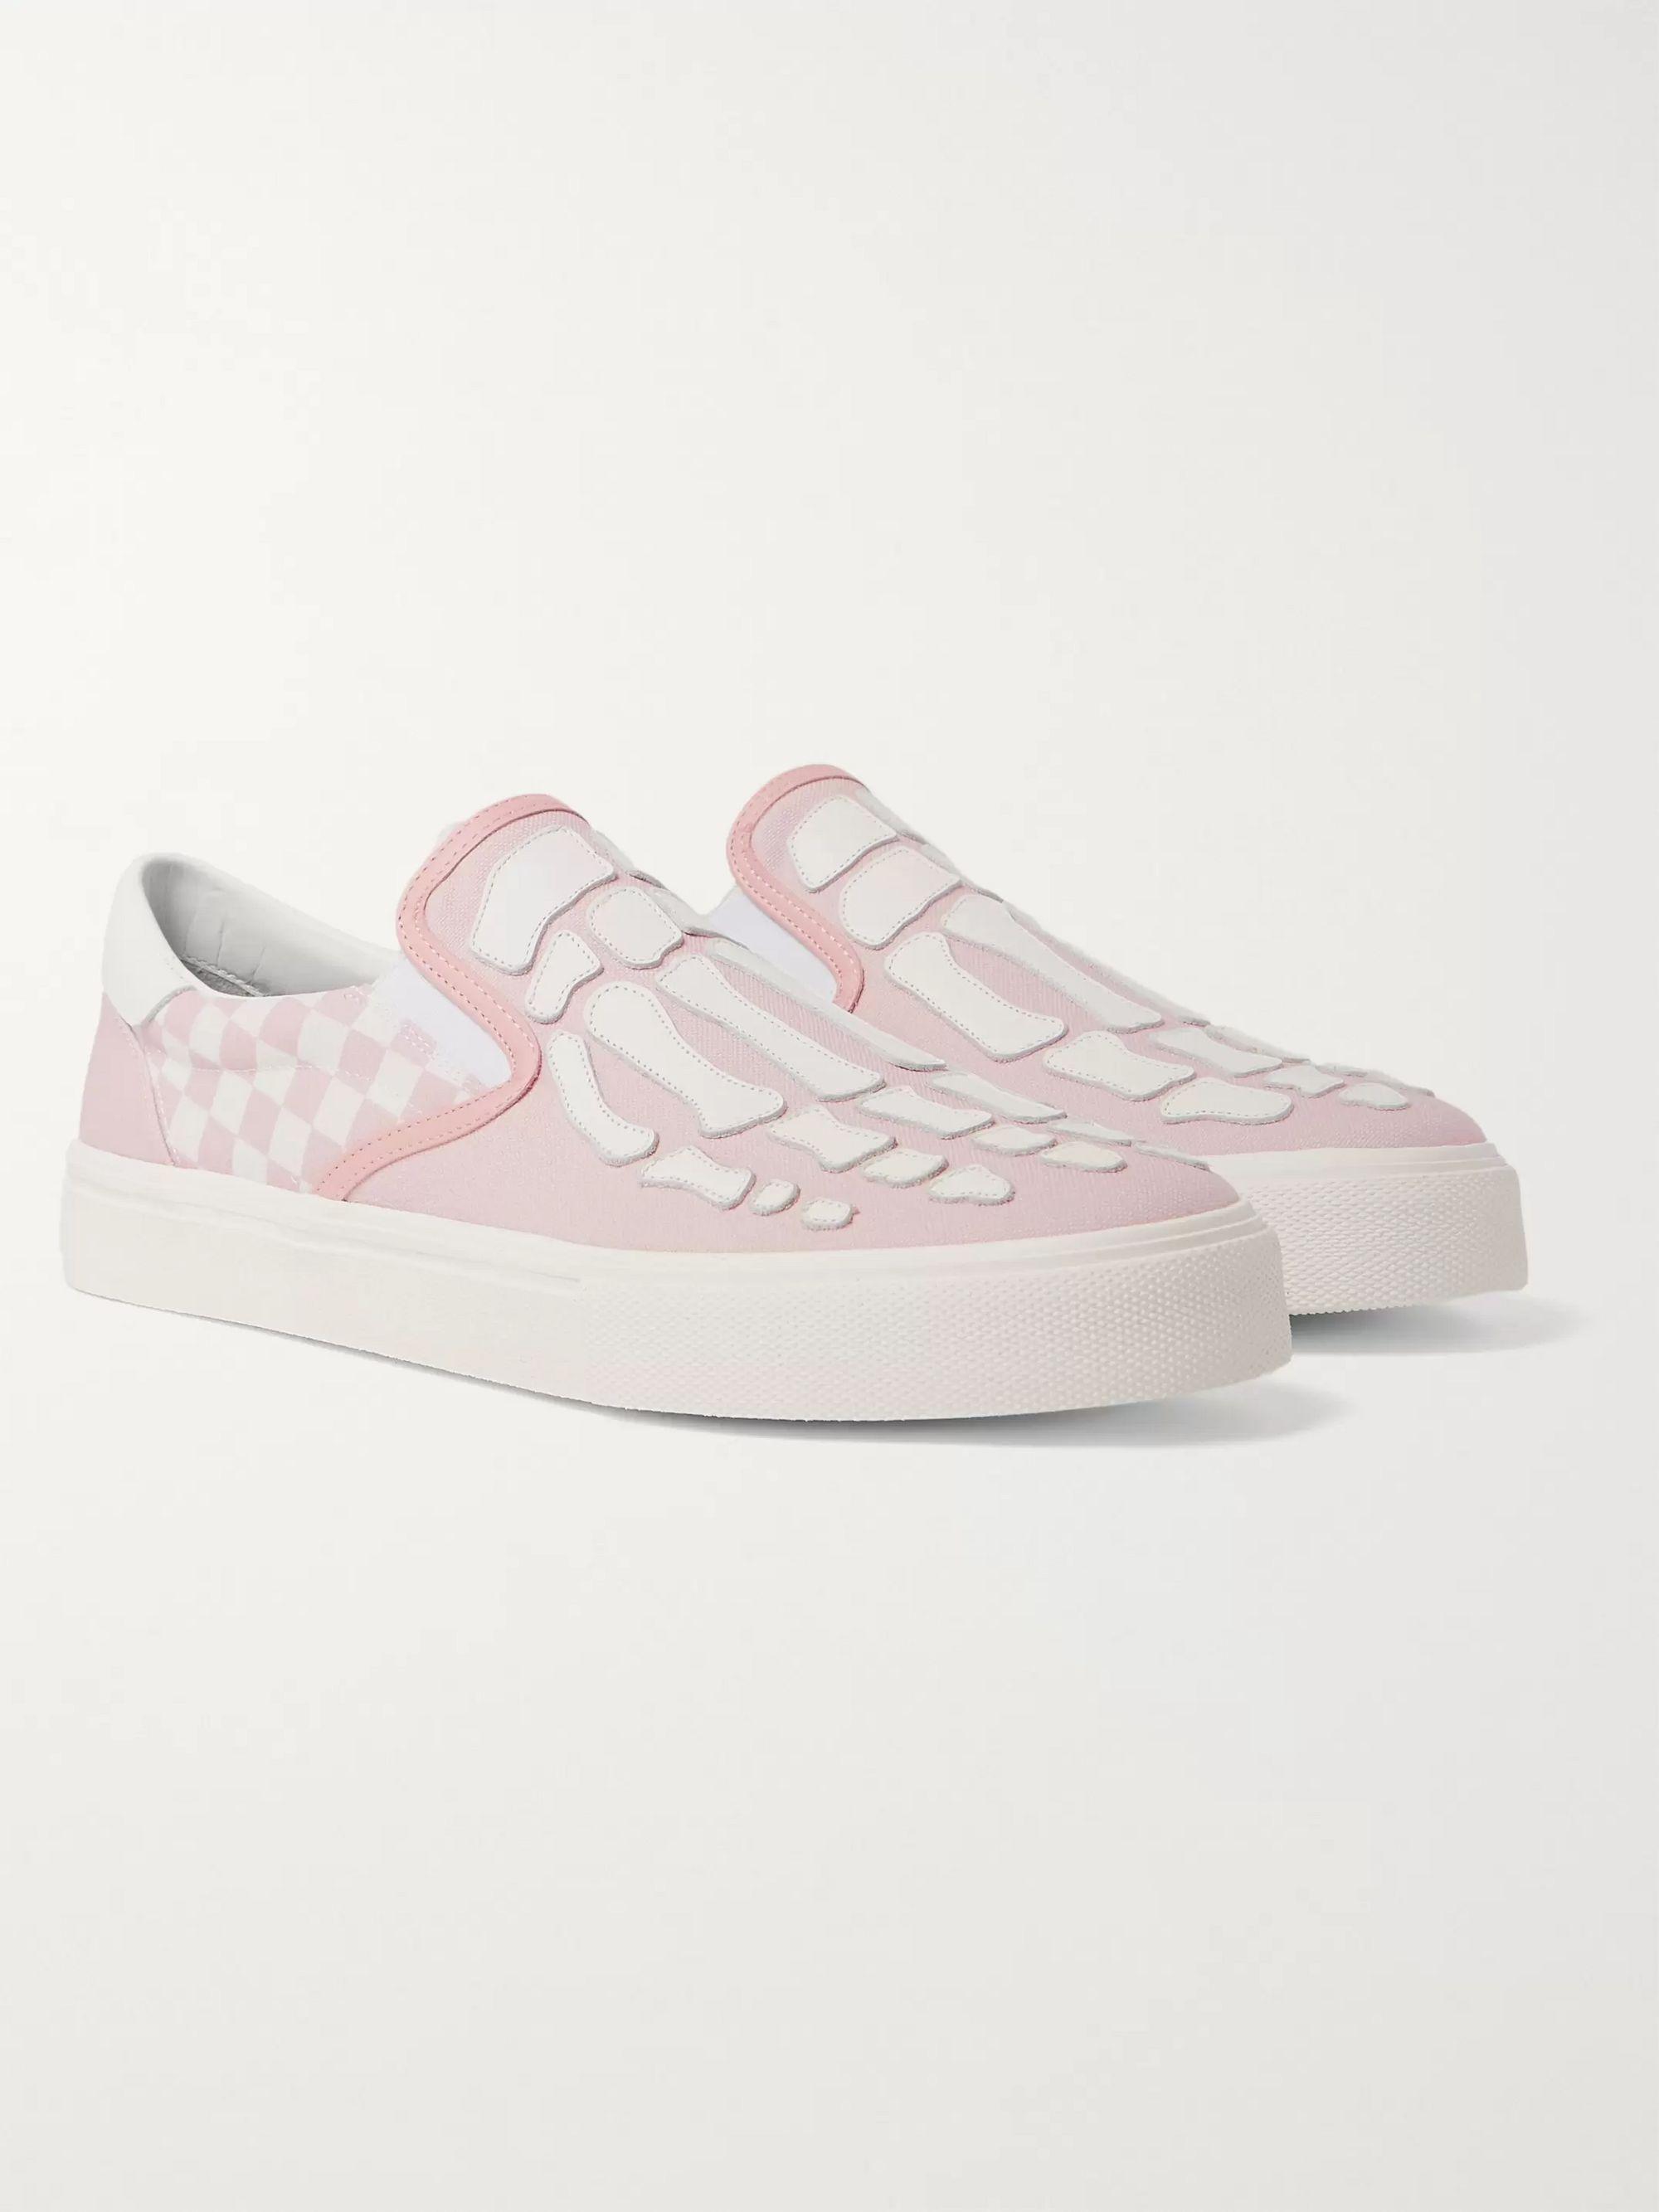 아미리 Amiri Skel Toe Leather-Appliqued Checked Canvas Slip-On Sneakers,Pink